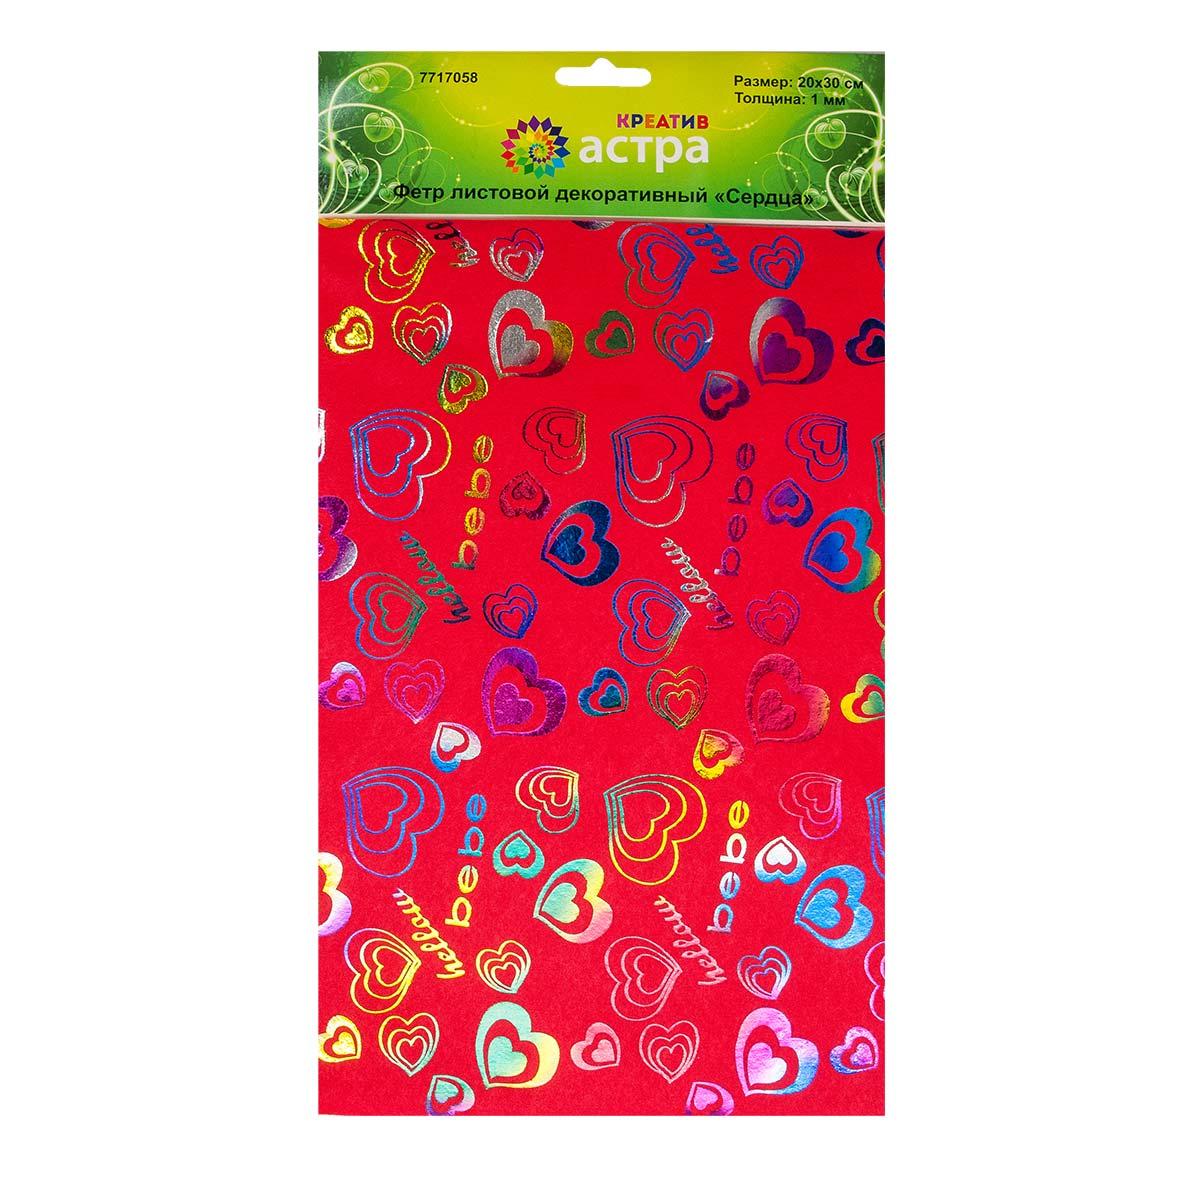 Фетр мягкий листовой декоративный 'Сердца' Астра, 1,0мм, 180 гр, 20х30см, 3 шт/упак